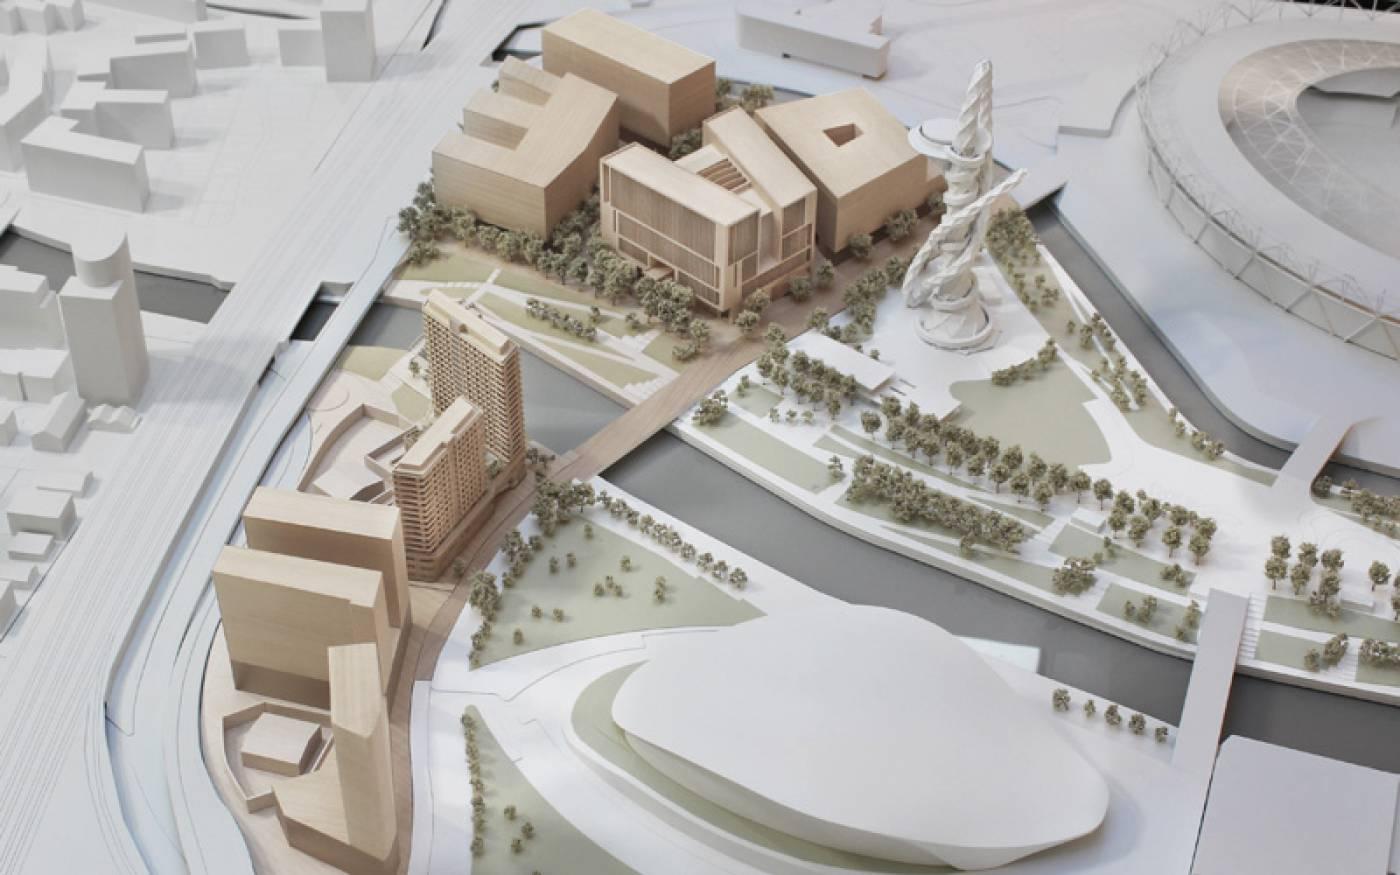 UCL East CGI